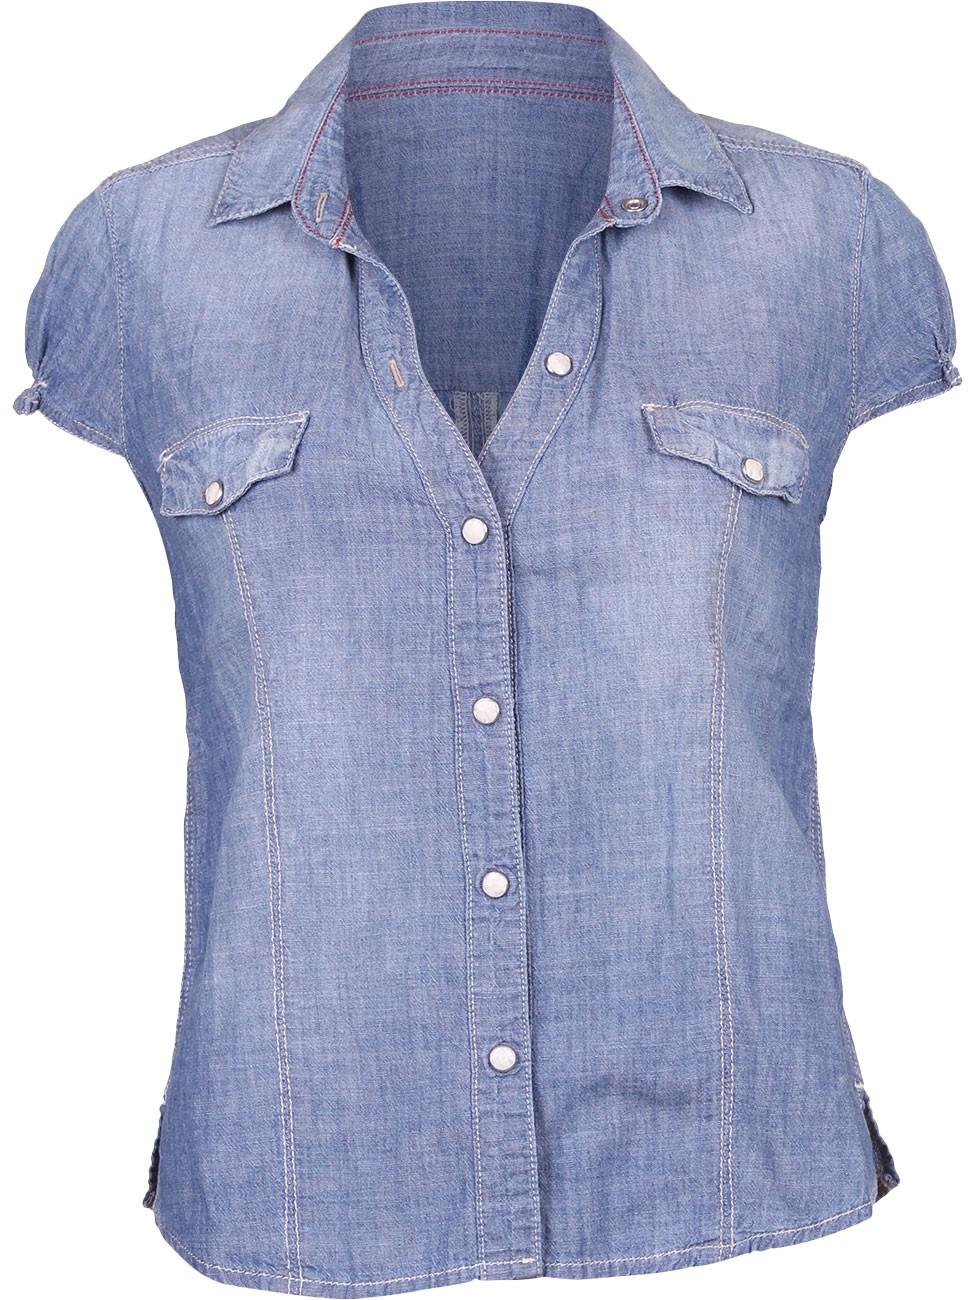 wrangler damen jeanshemd light blue kaufen jeans direct de. Black Bedroom Furniture Sets. Home Design Ideas